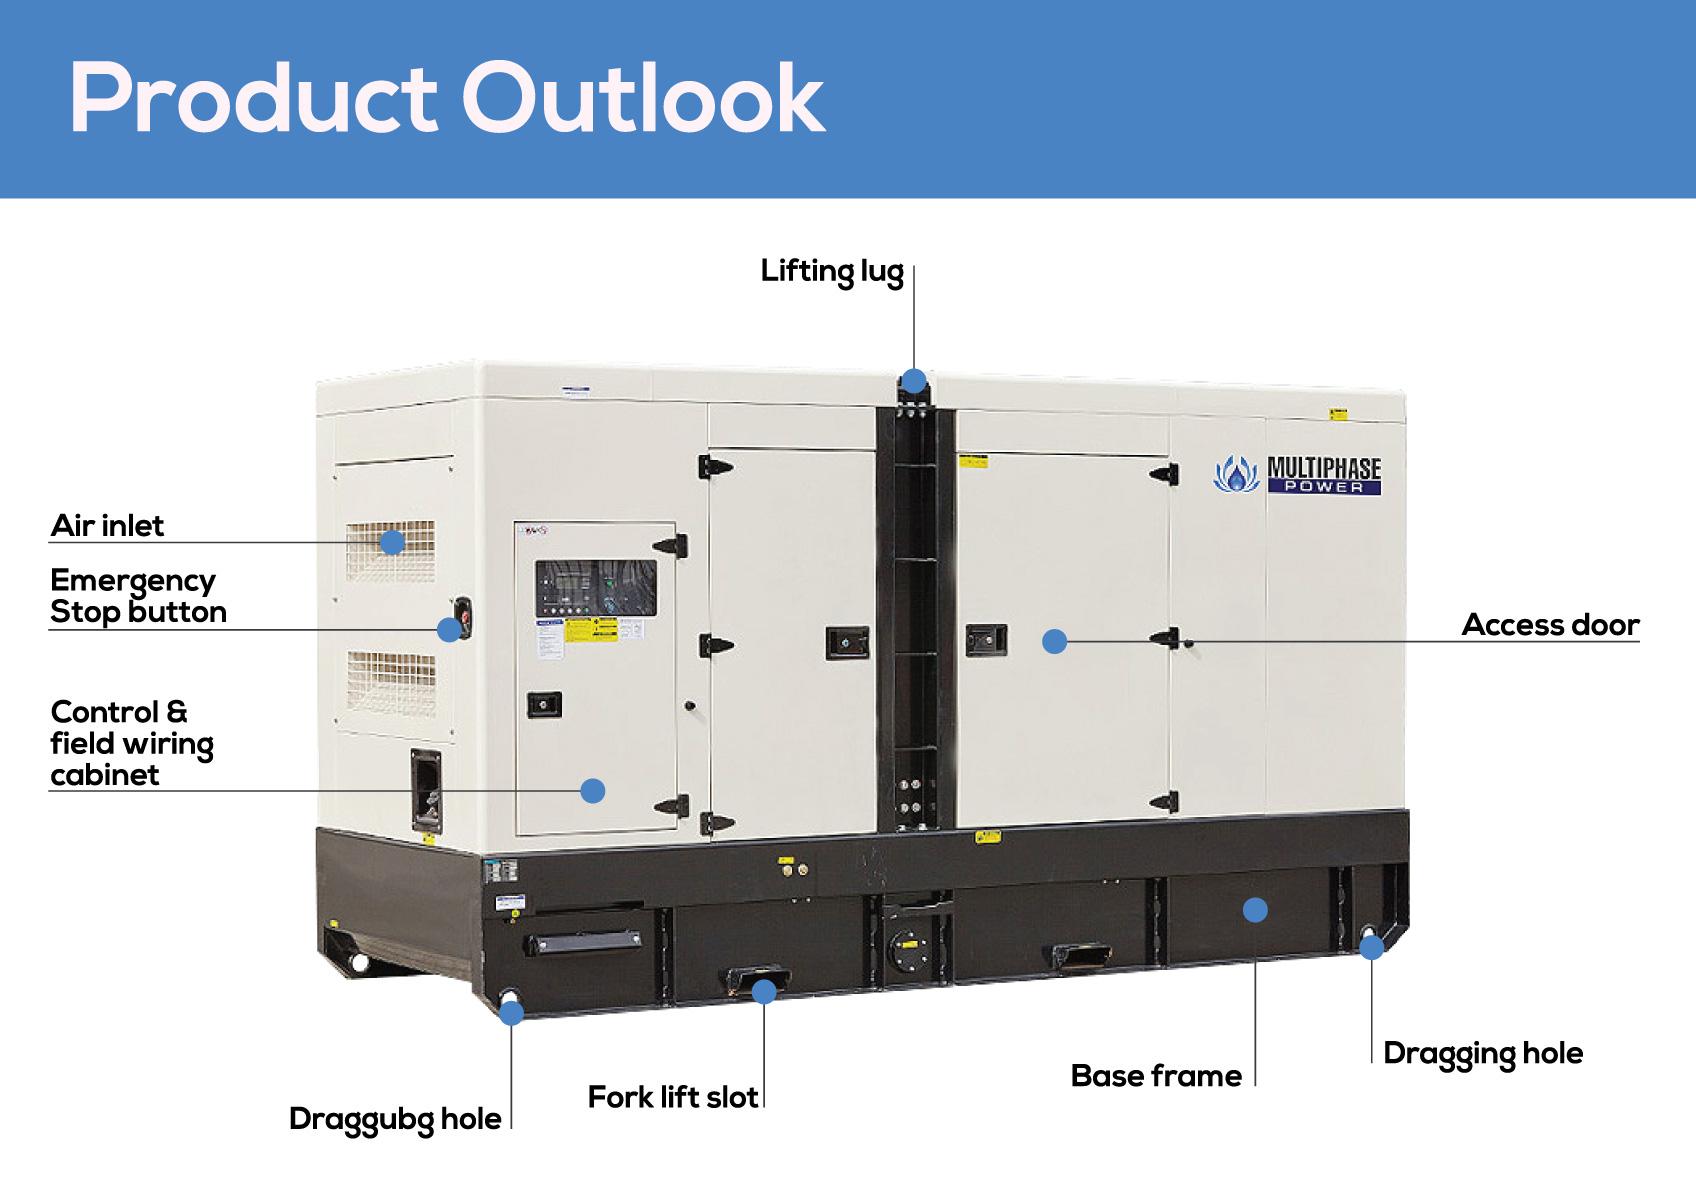 เครื่องกำเนิดไฟฟ้าดีเซล คุณภาพสูง มาตรฐาน ISO พร้อมบริการครบวงจร | 021683193-5 #109